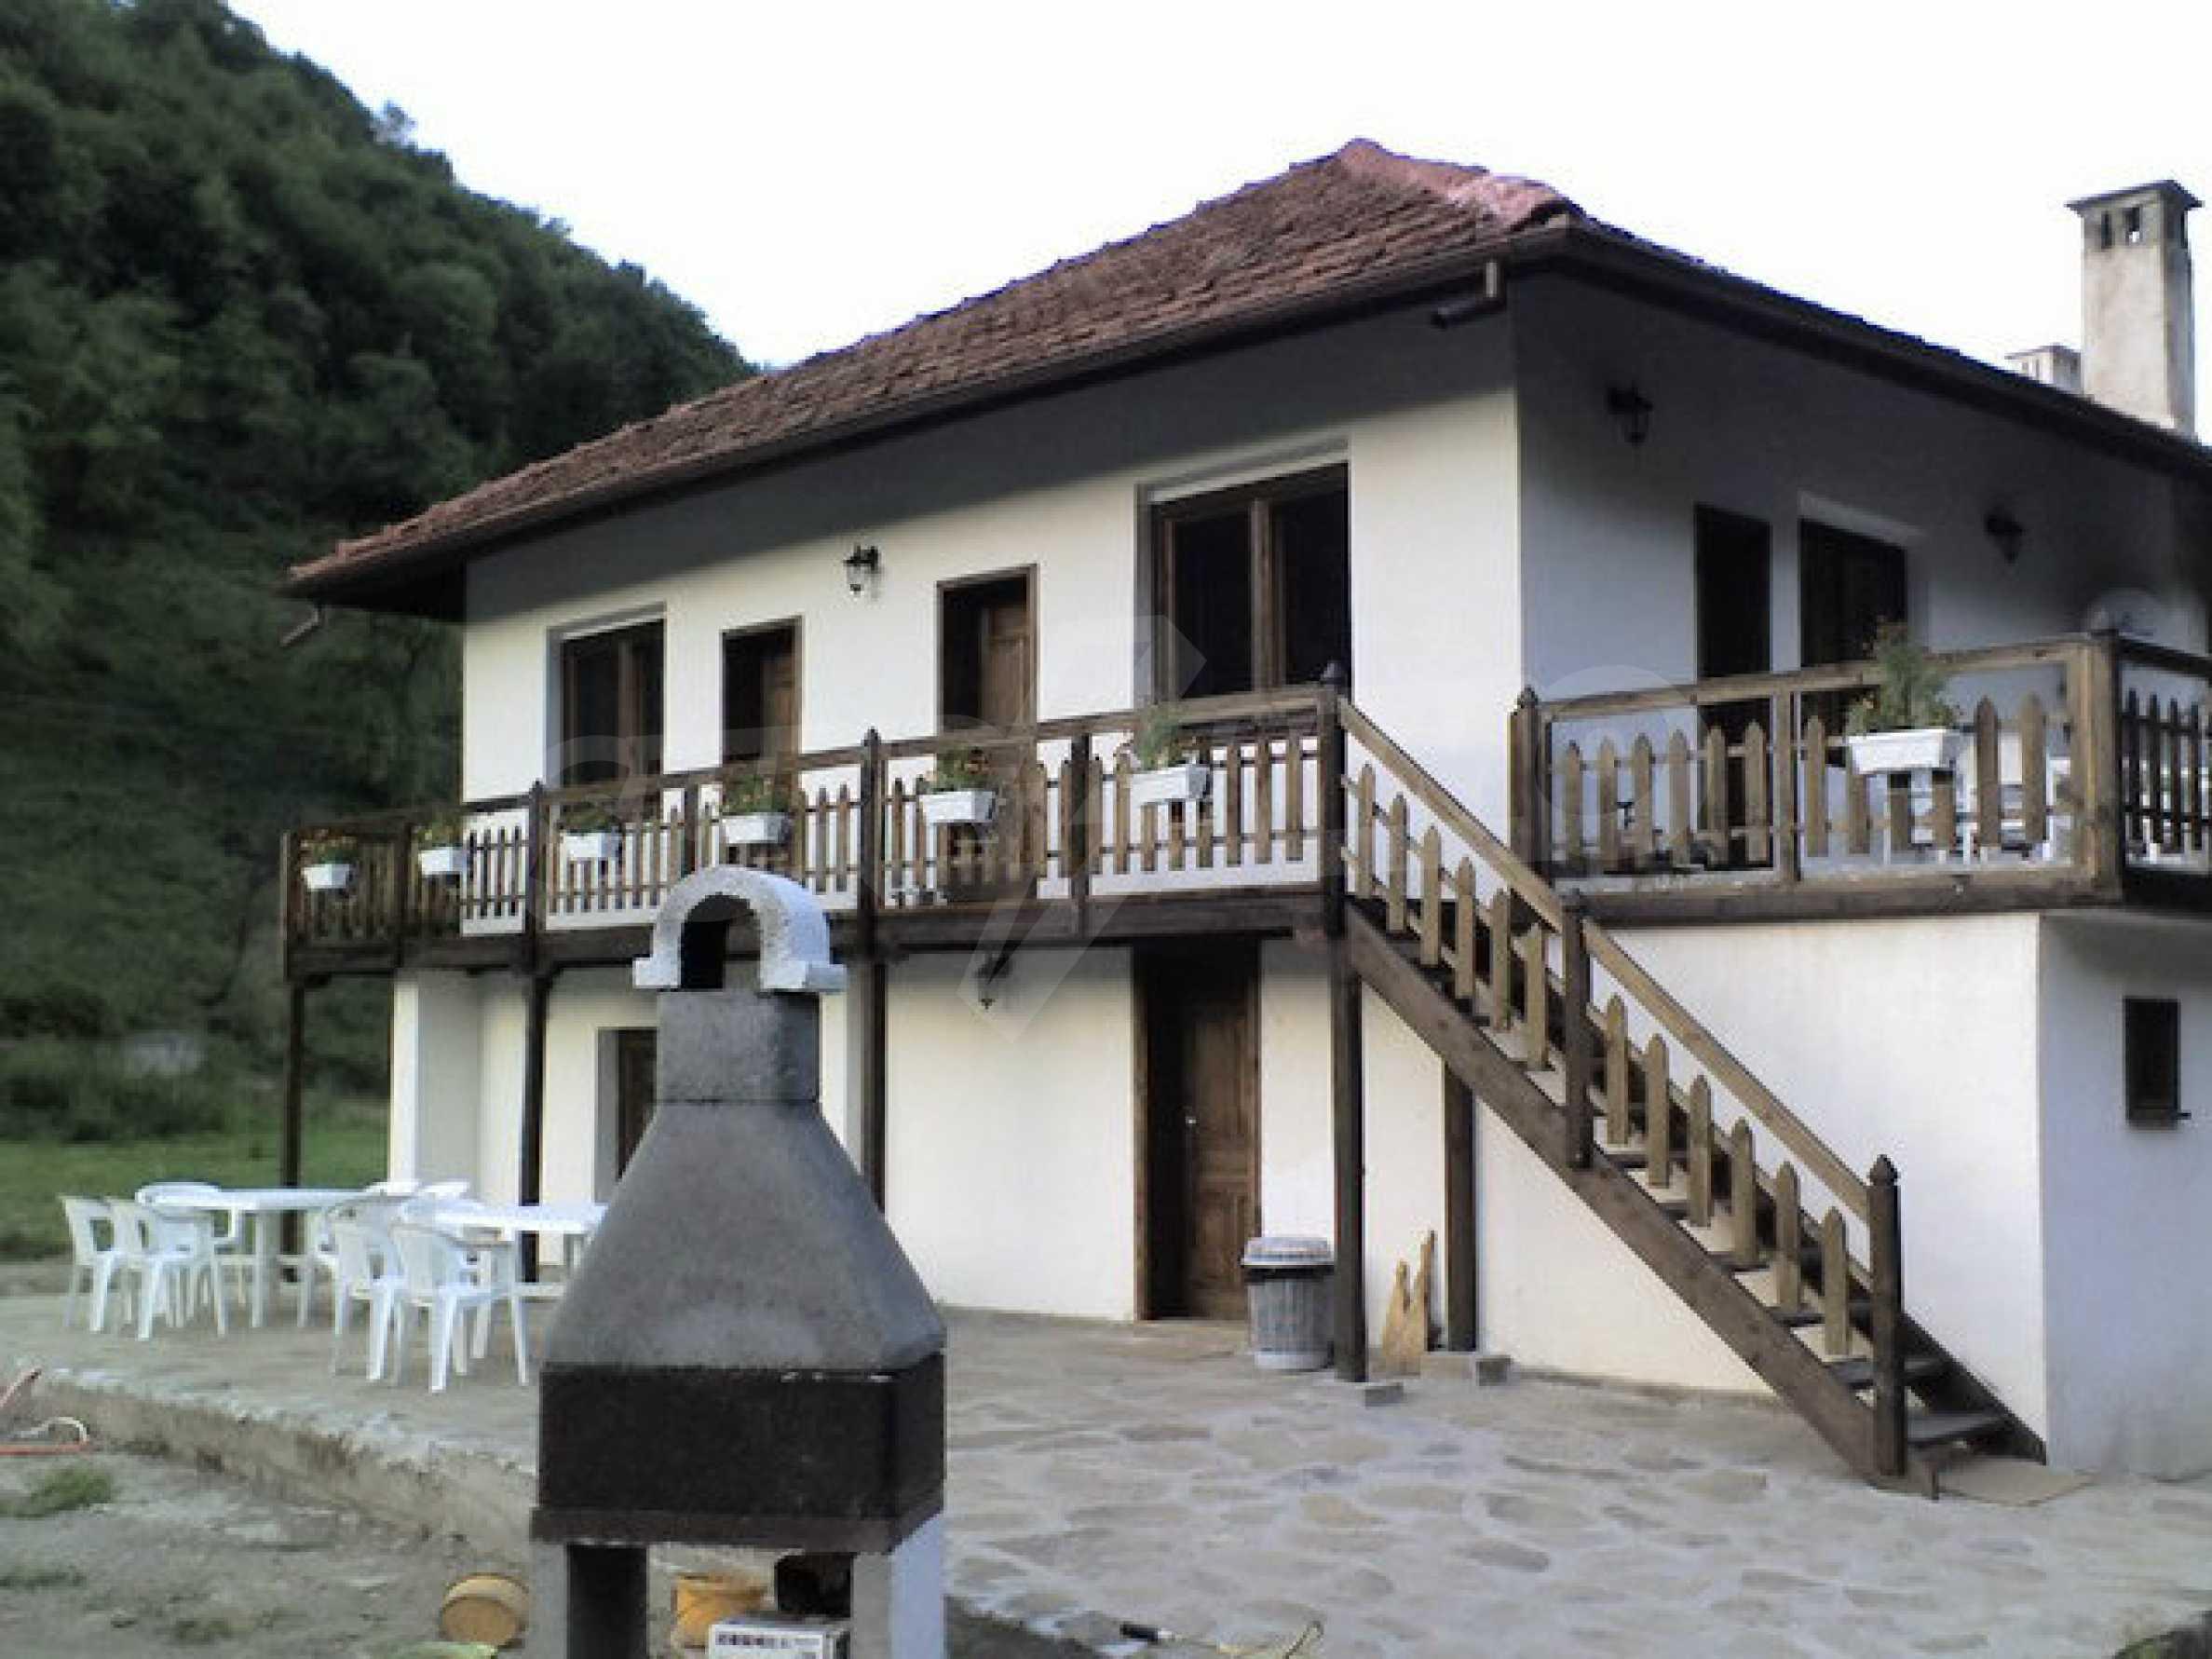 Geräumiges, voll möbliertes und ausgestattetes zweistöckiges Haus in Ribaritsa 10